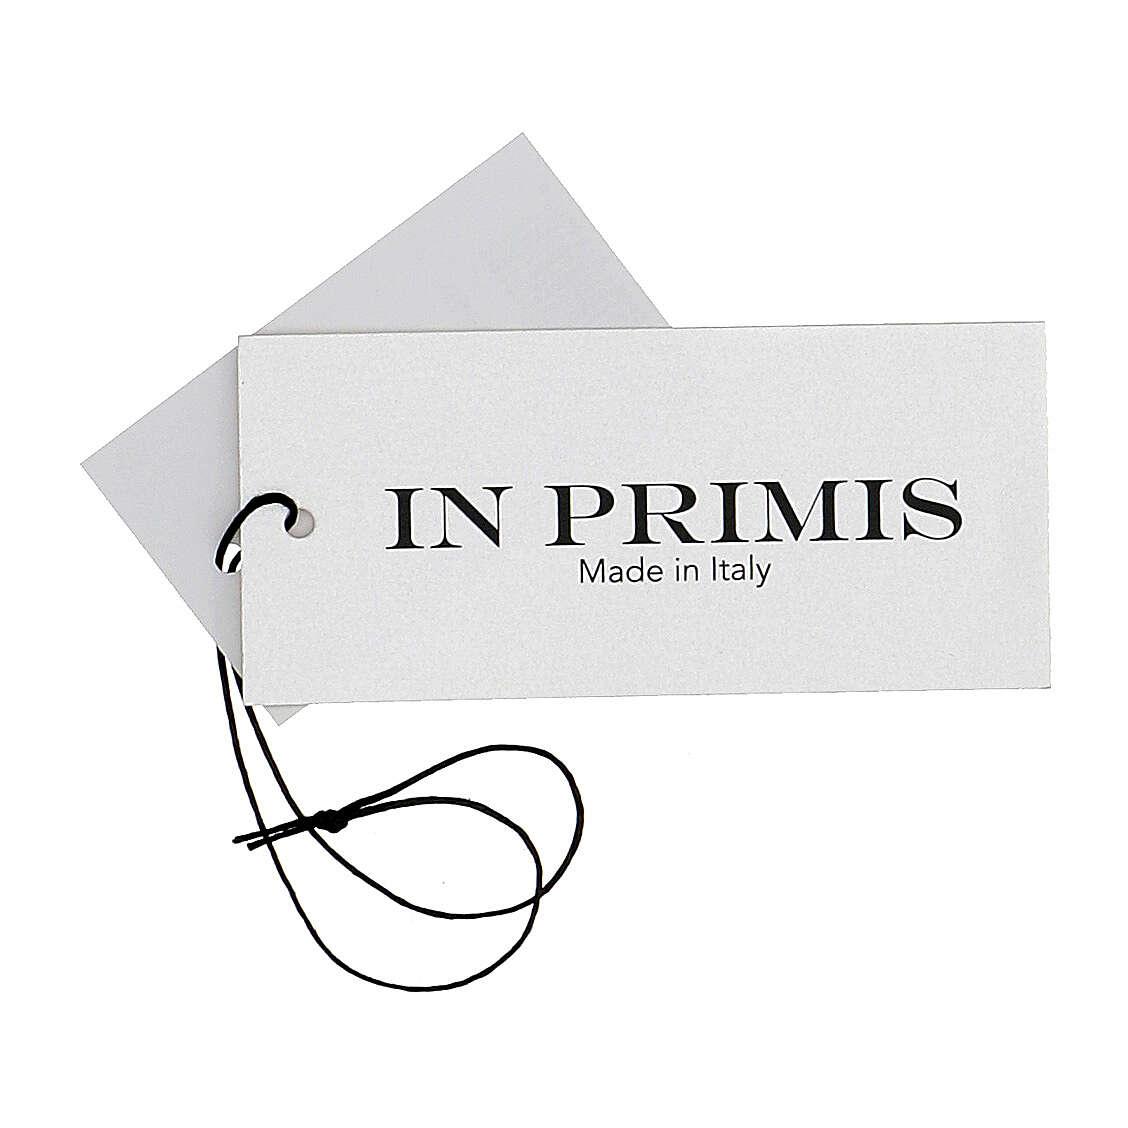 Damen-Weste, perlgrau, mit Taschen und V-Ausschnitt, 50% Acryl - 50% Merinowolle, In Primis 4